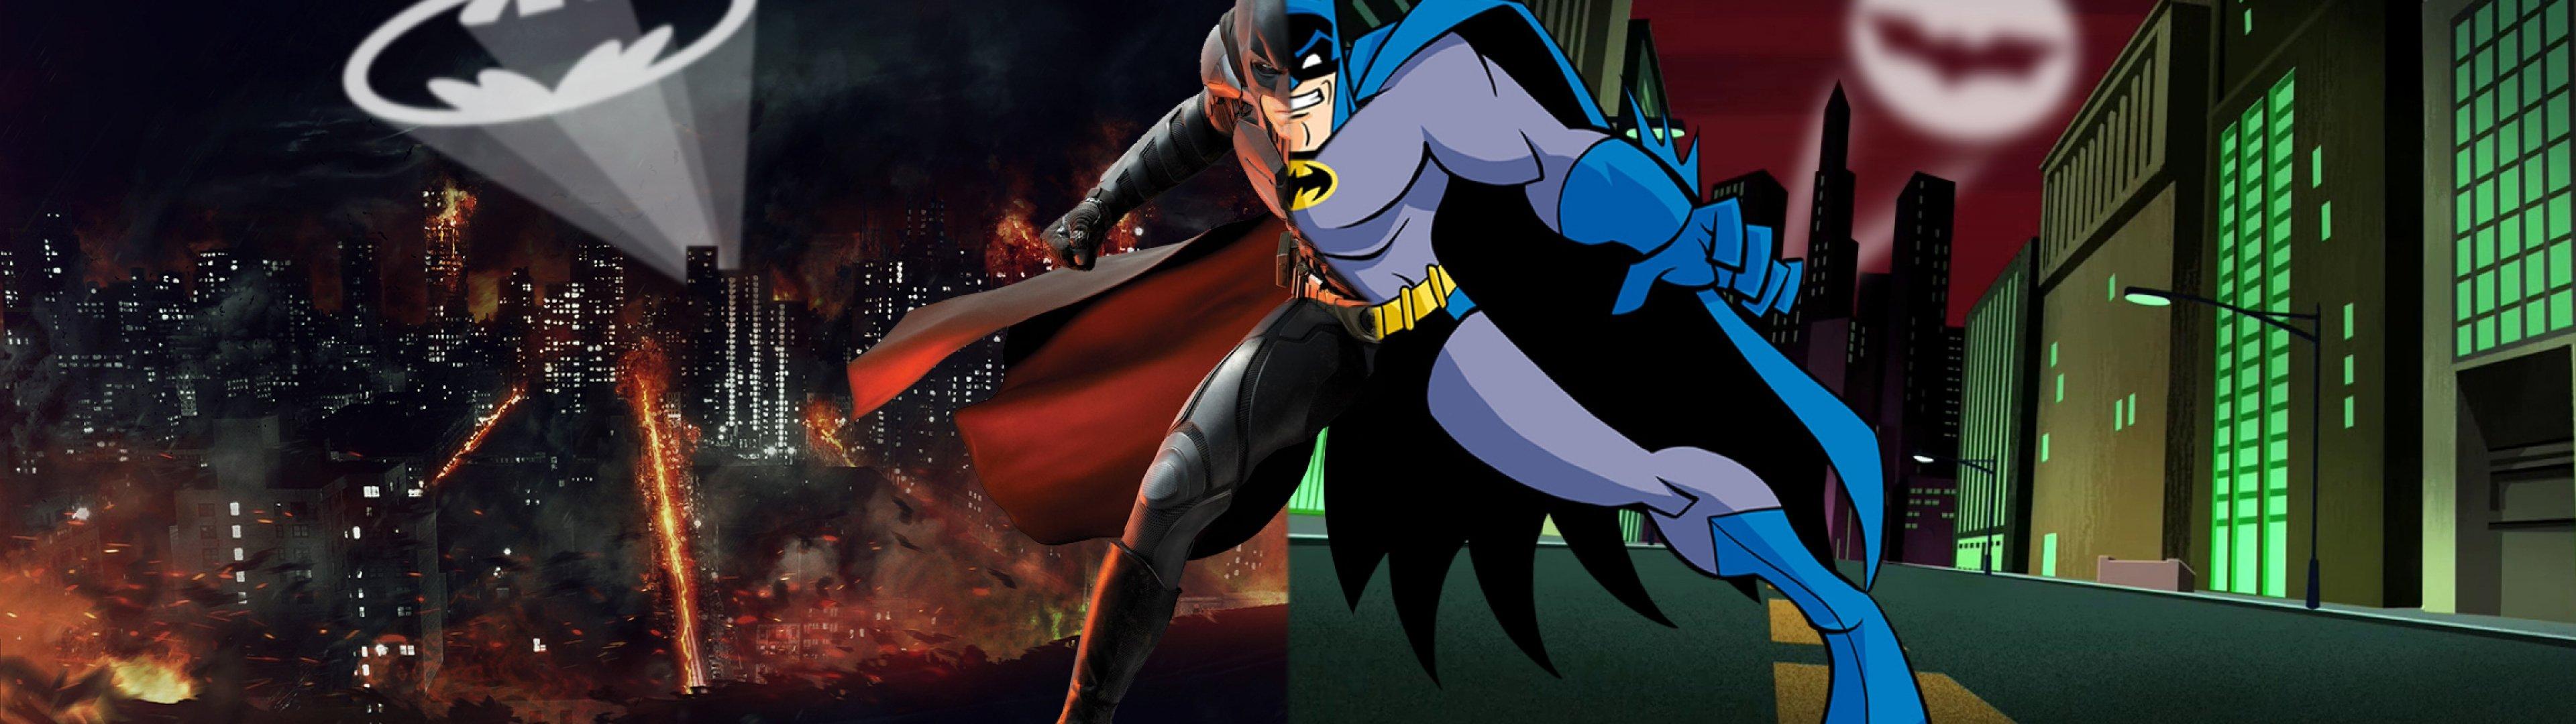 Good Wallpaper Halloween Batman - 88b90541068c1eaf3c2d4d38329e8125  Collection_46914.jpg